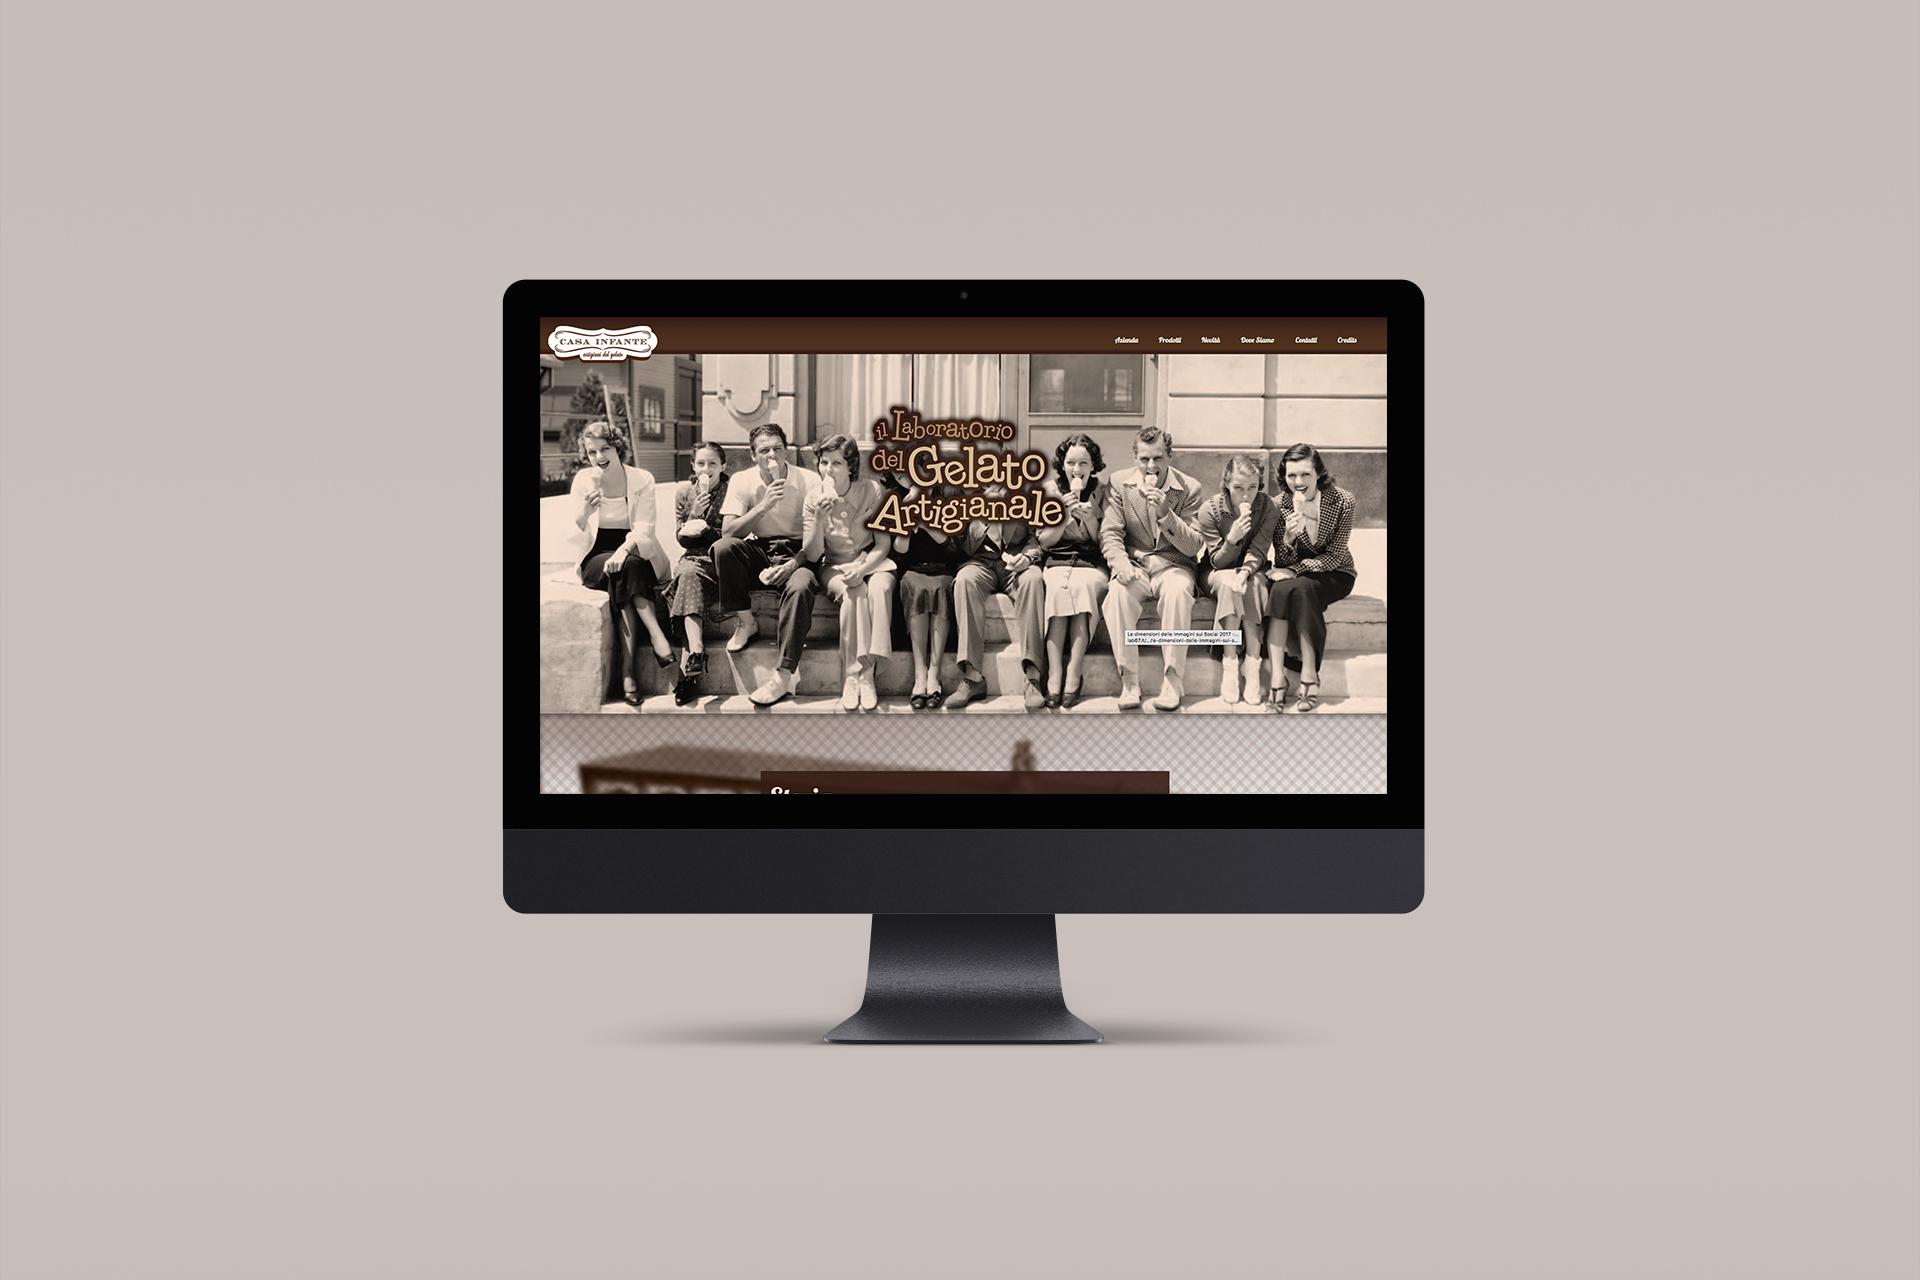 Realizzazione sito web Casa Infante - Agenzia pubblicitaria Napoli - Libellula Grafica Lab